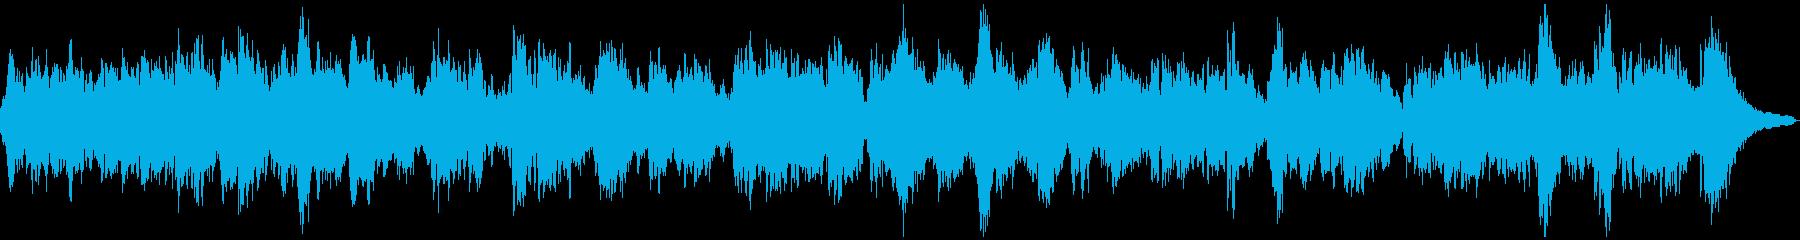 癒されるローズピアノサウンドの再生済みの波形